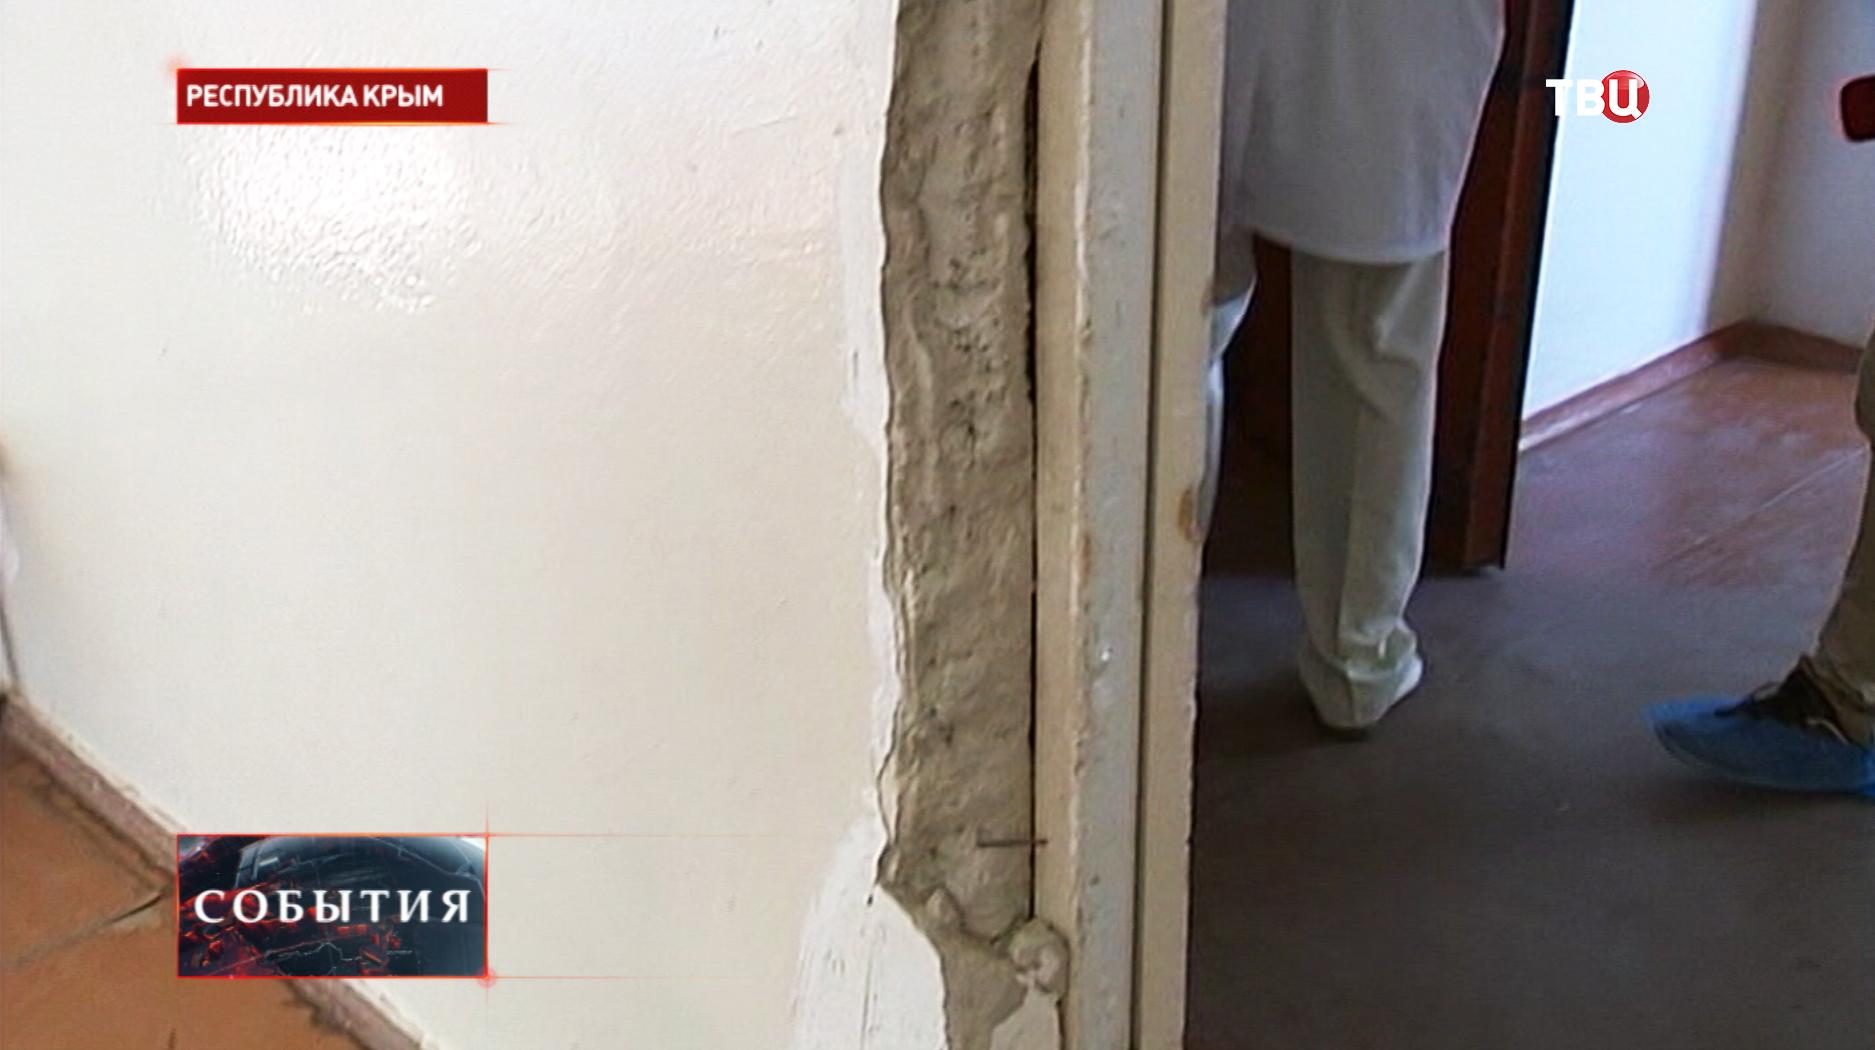 Состояние помещения лечебного учреждения в Крыму